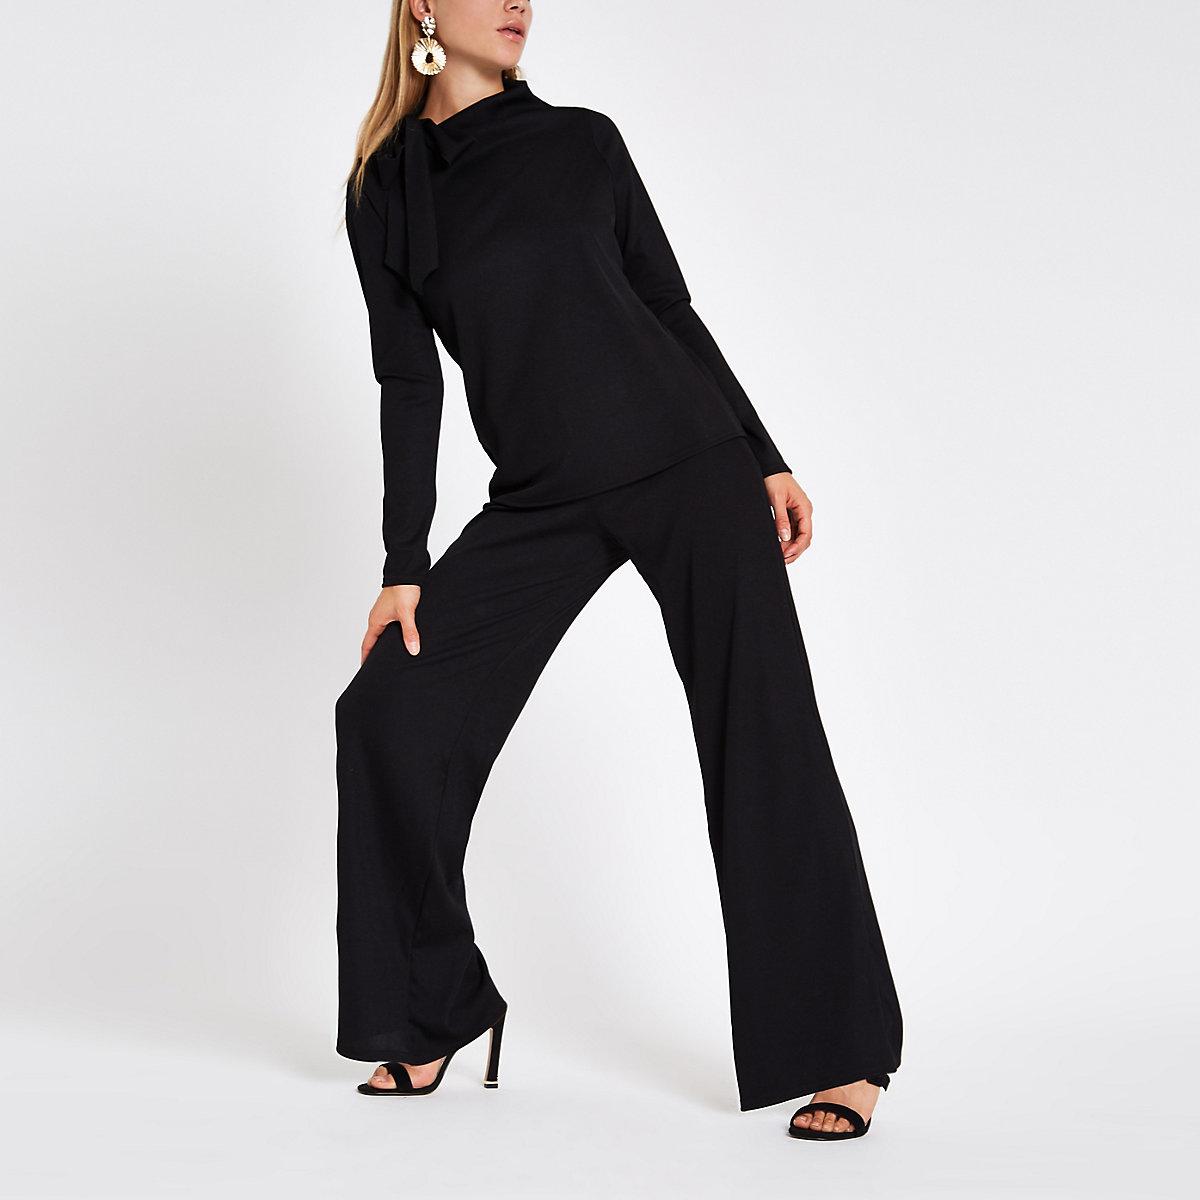 Black jersey wide leg pants